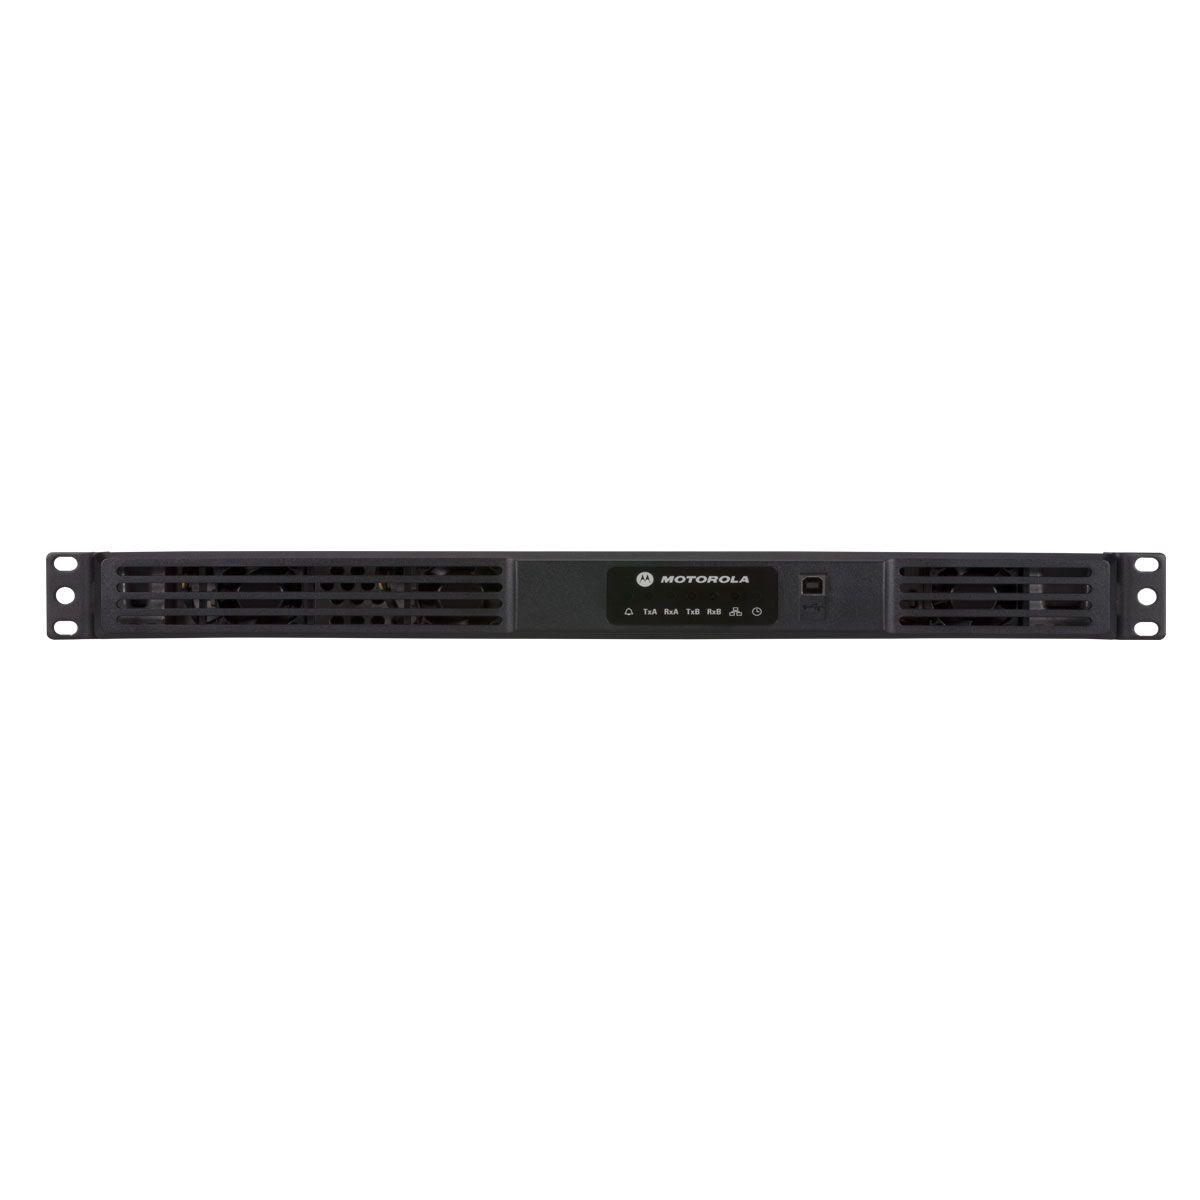 Repetidora Motorola SLR5100 Digital LAR10QCGANQ1AN UHF 400-470 MHz